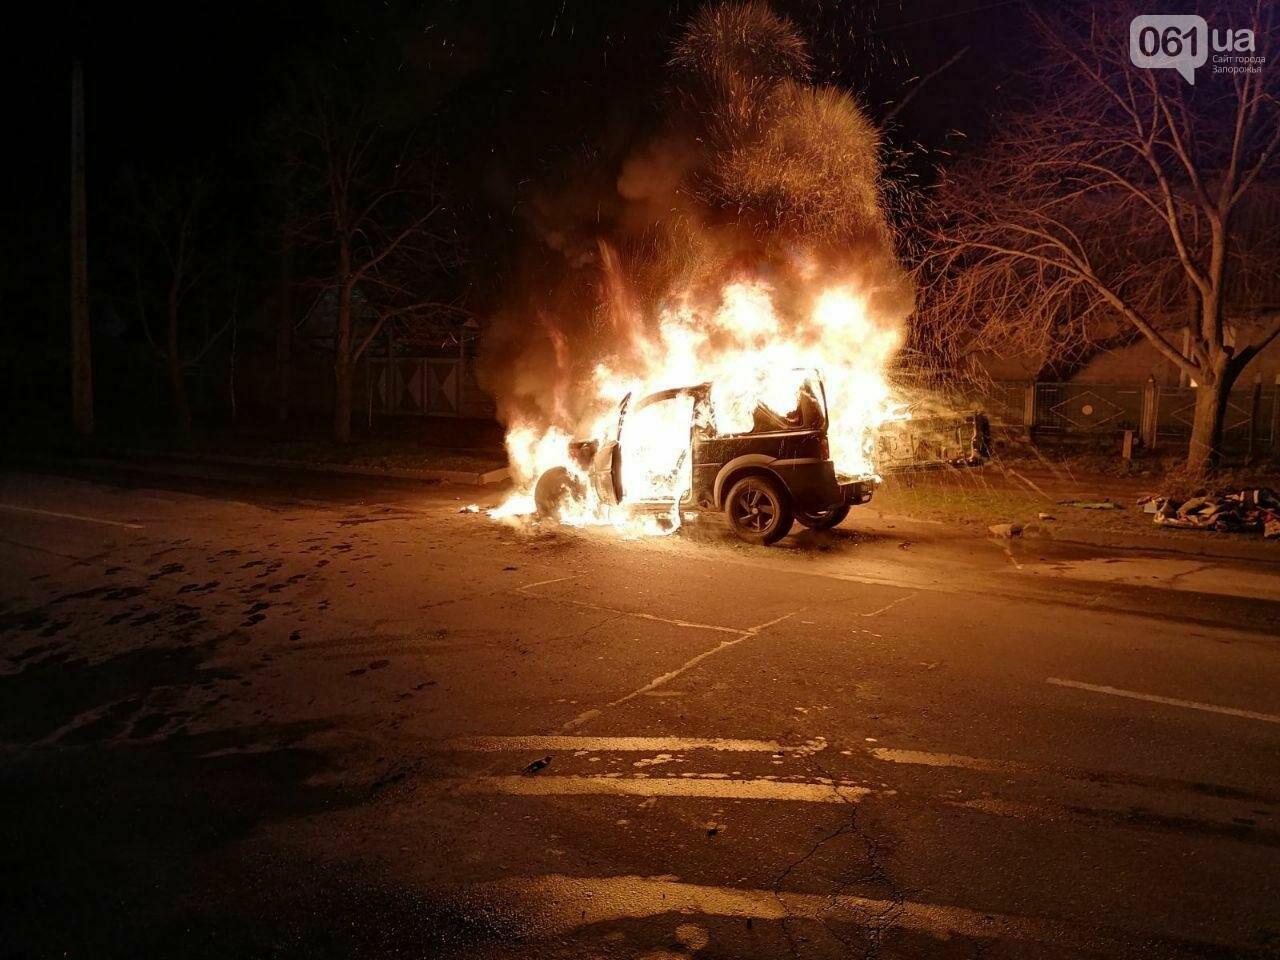 """В Мелитополе на ходу загорелся """"Land Rover"""", - ФОТО, фото-1"""